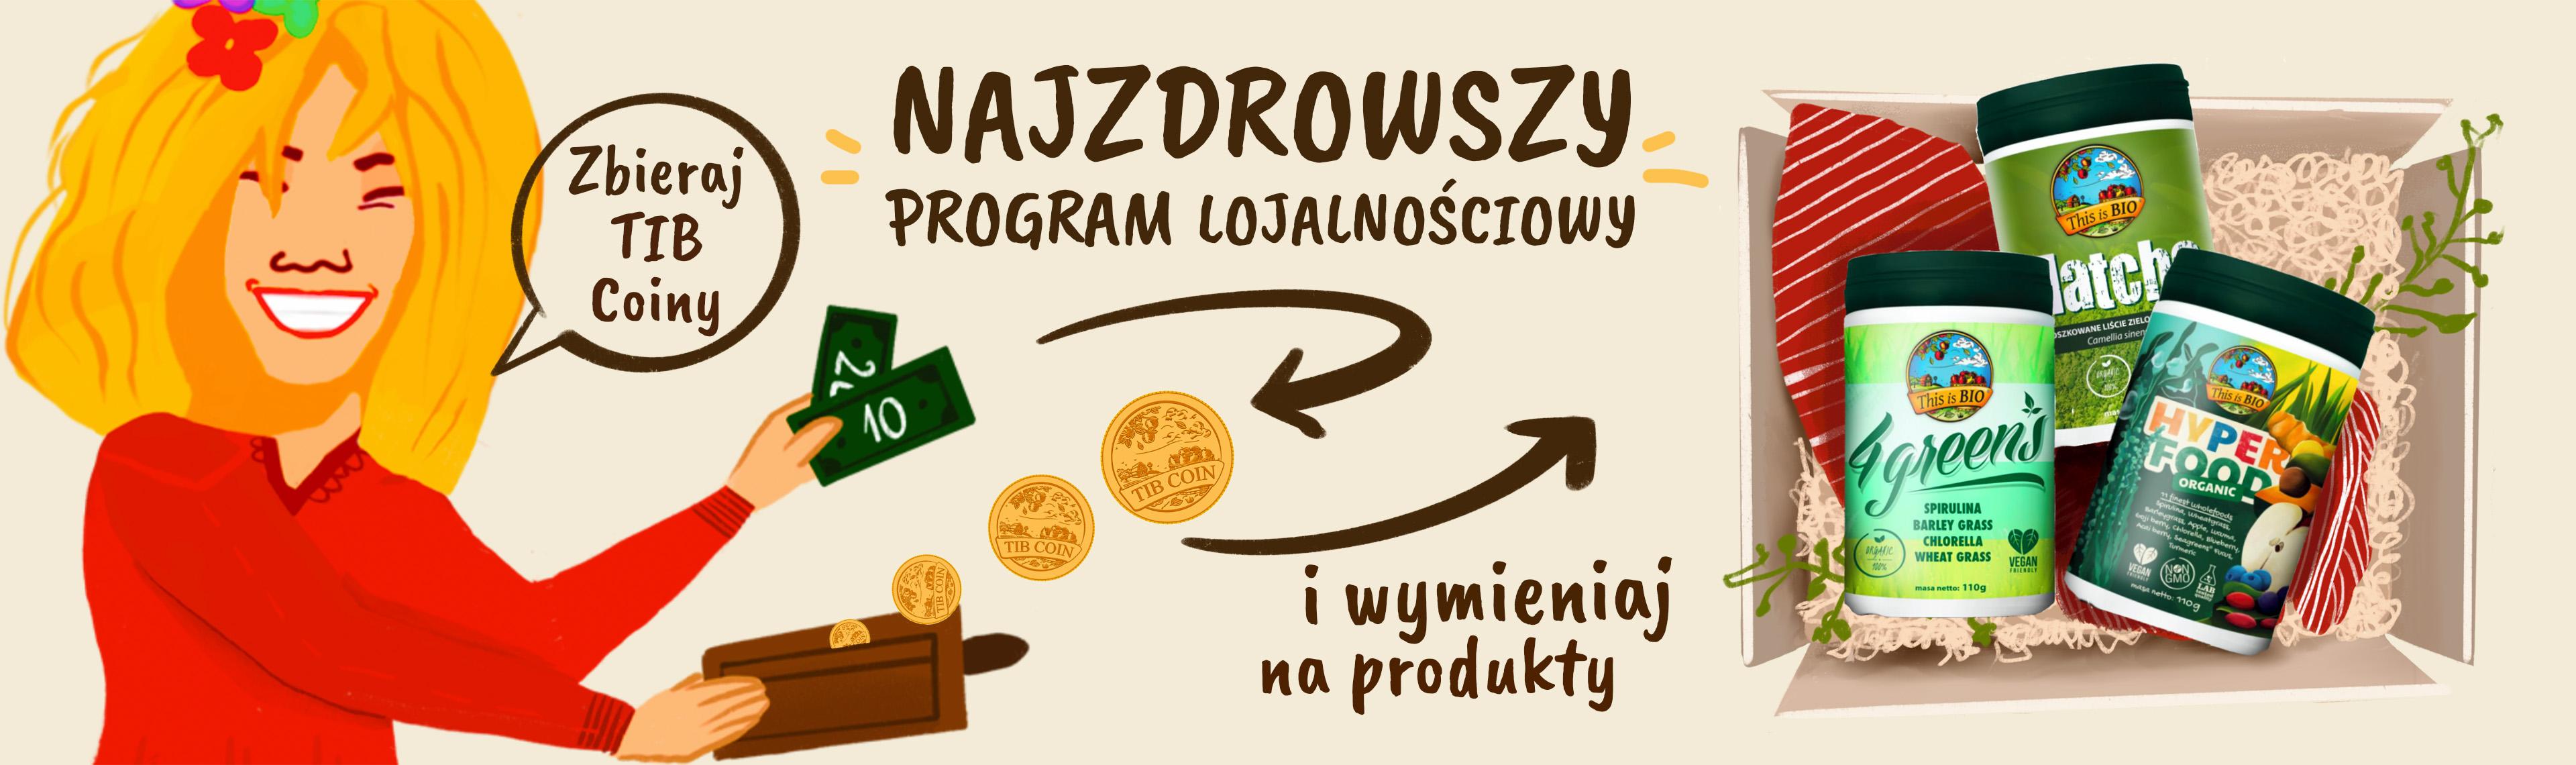 TIB Coin najzdrowszy program lojalnościowy